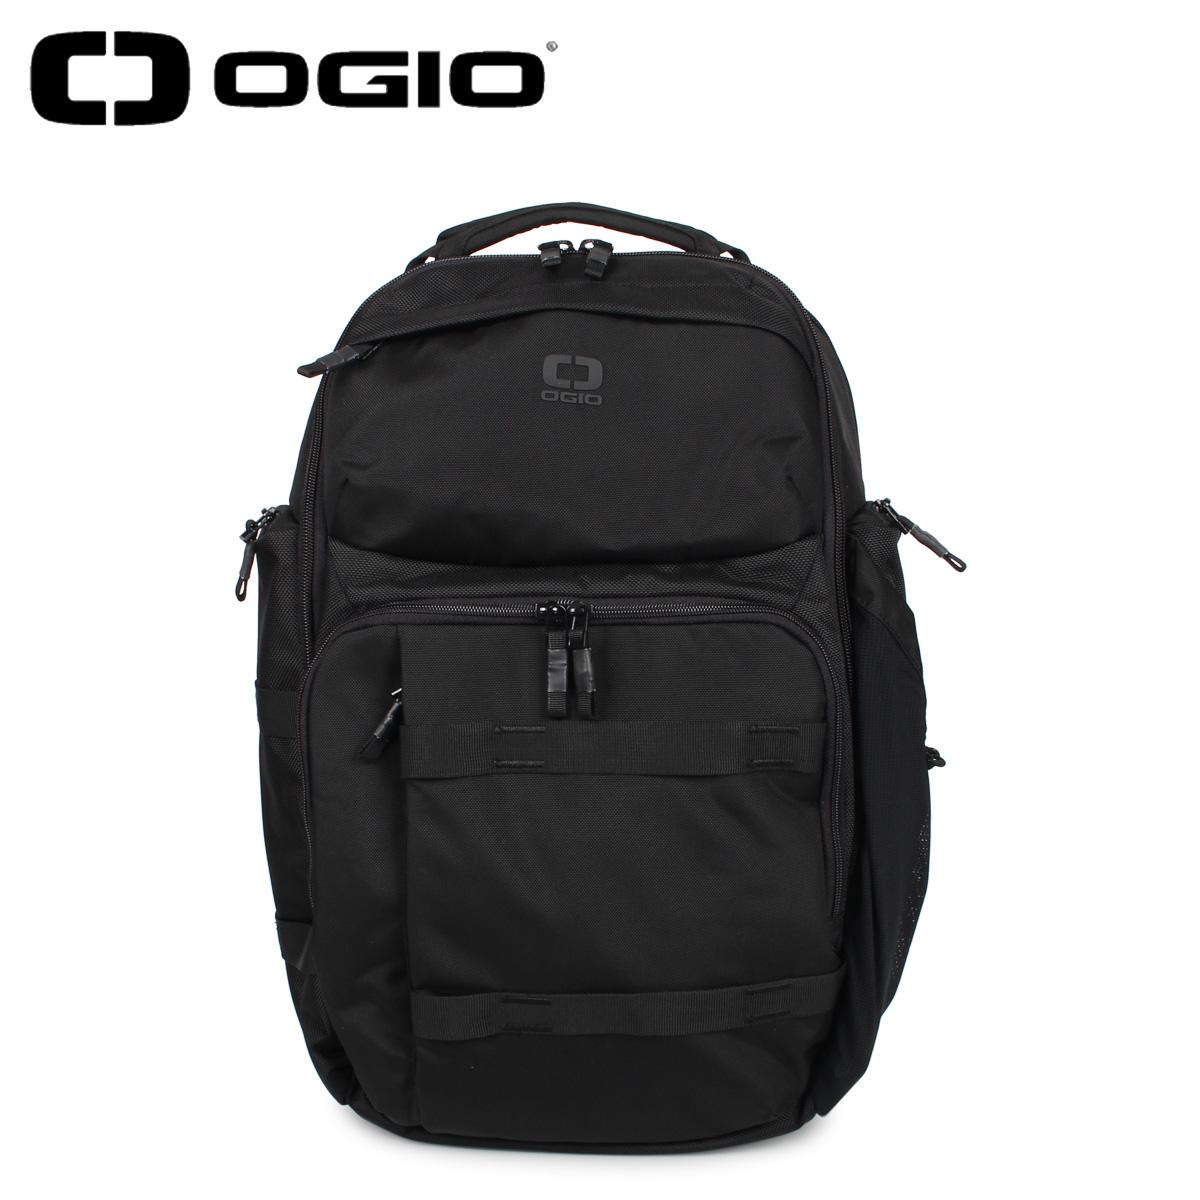 OGIO オジオ リュック バッグ バックパック メンズ レディース 25L PACE 25 BACKPACK ブラック 黒 5920192OG